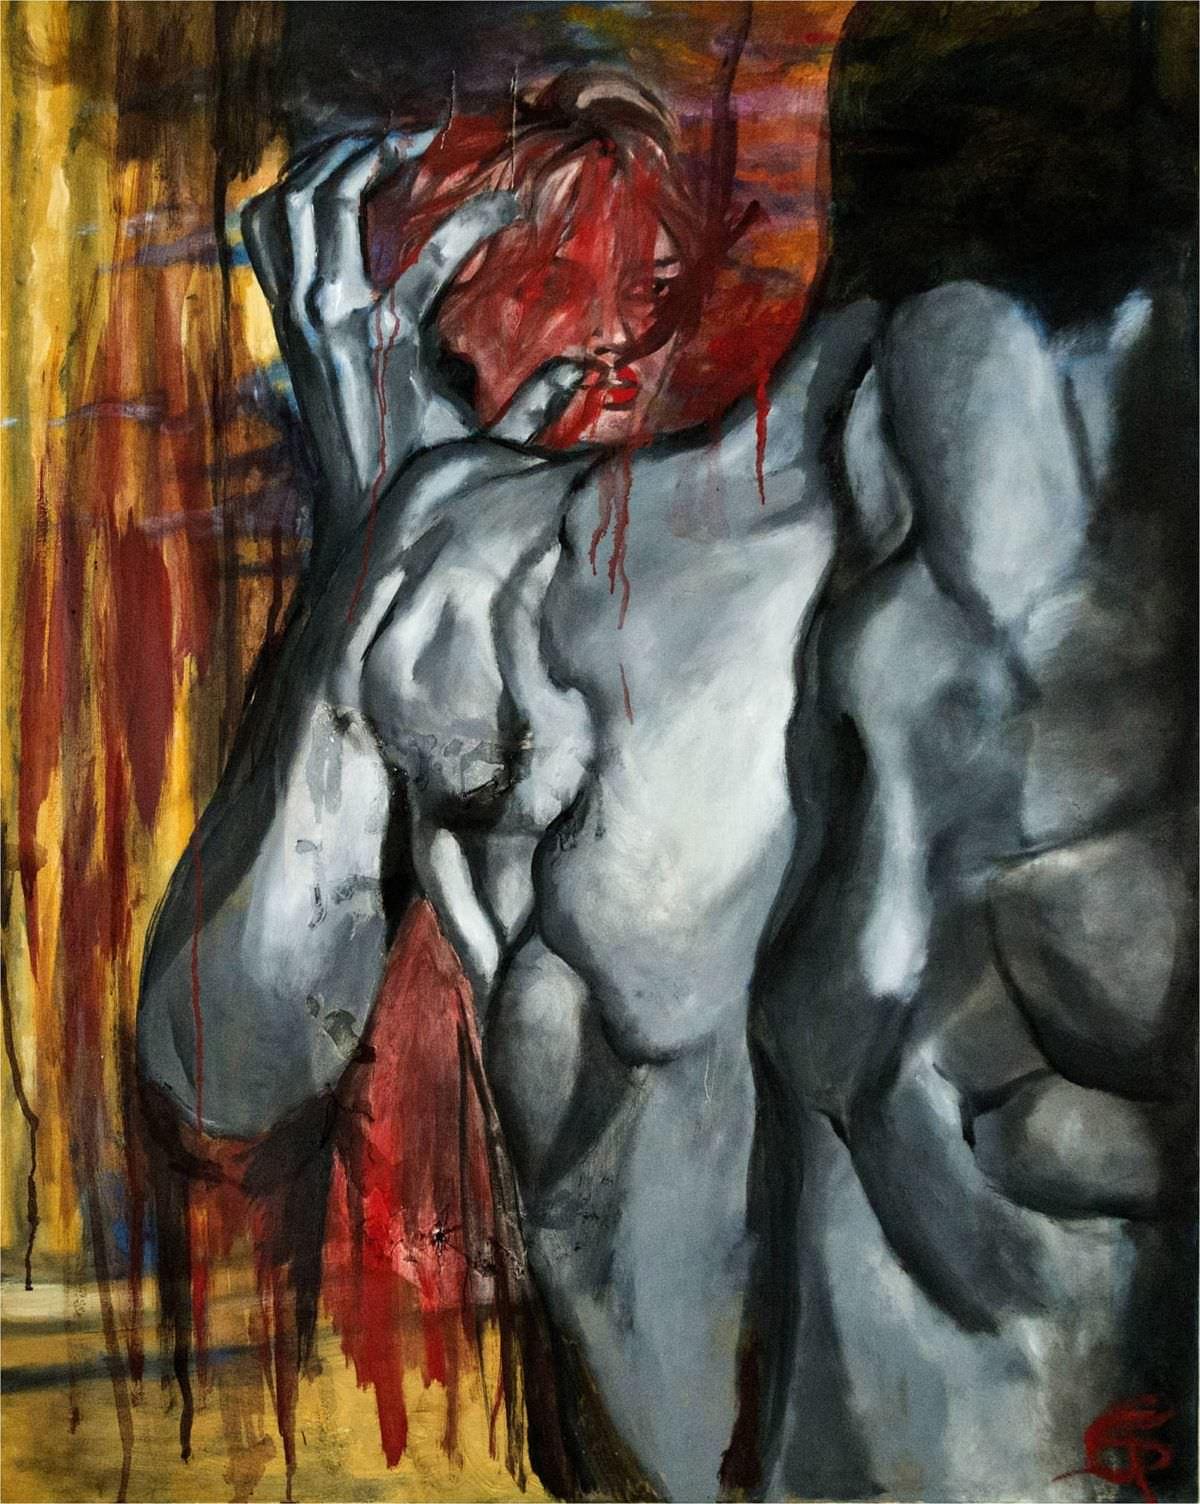 Fine della passiona - Samantha Gandin